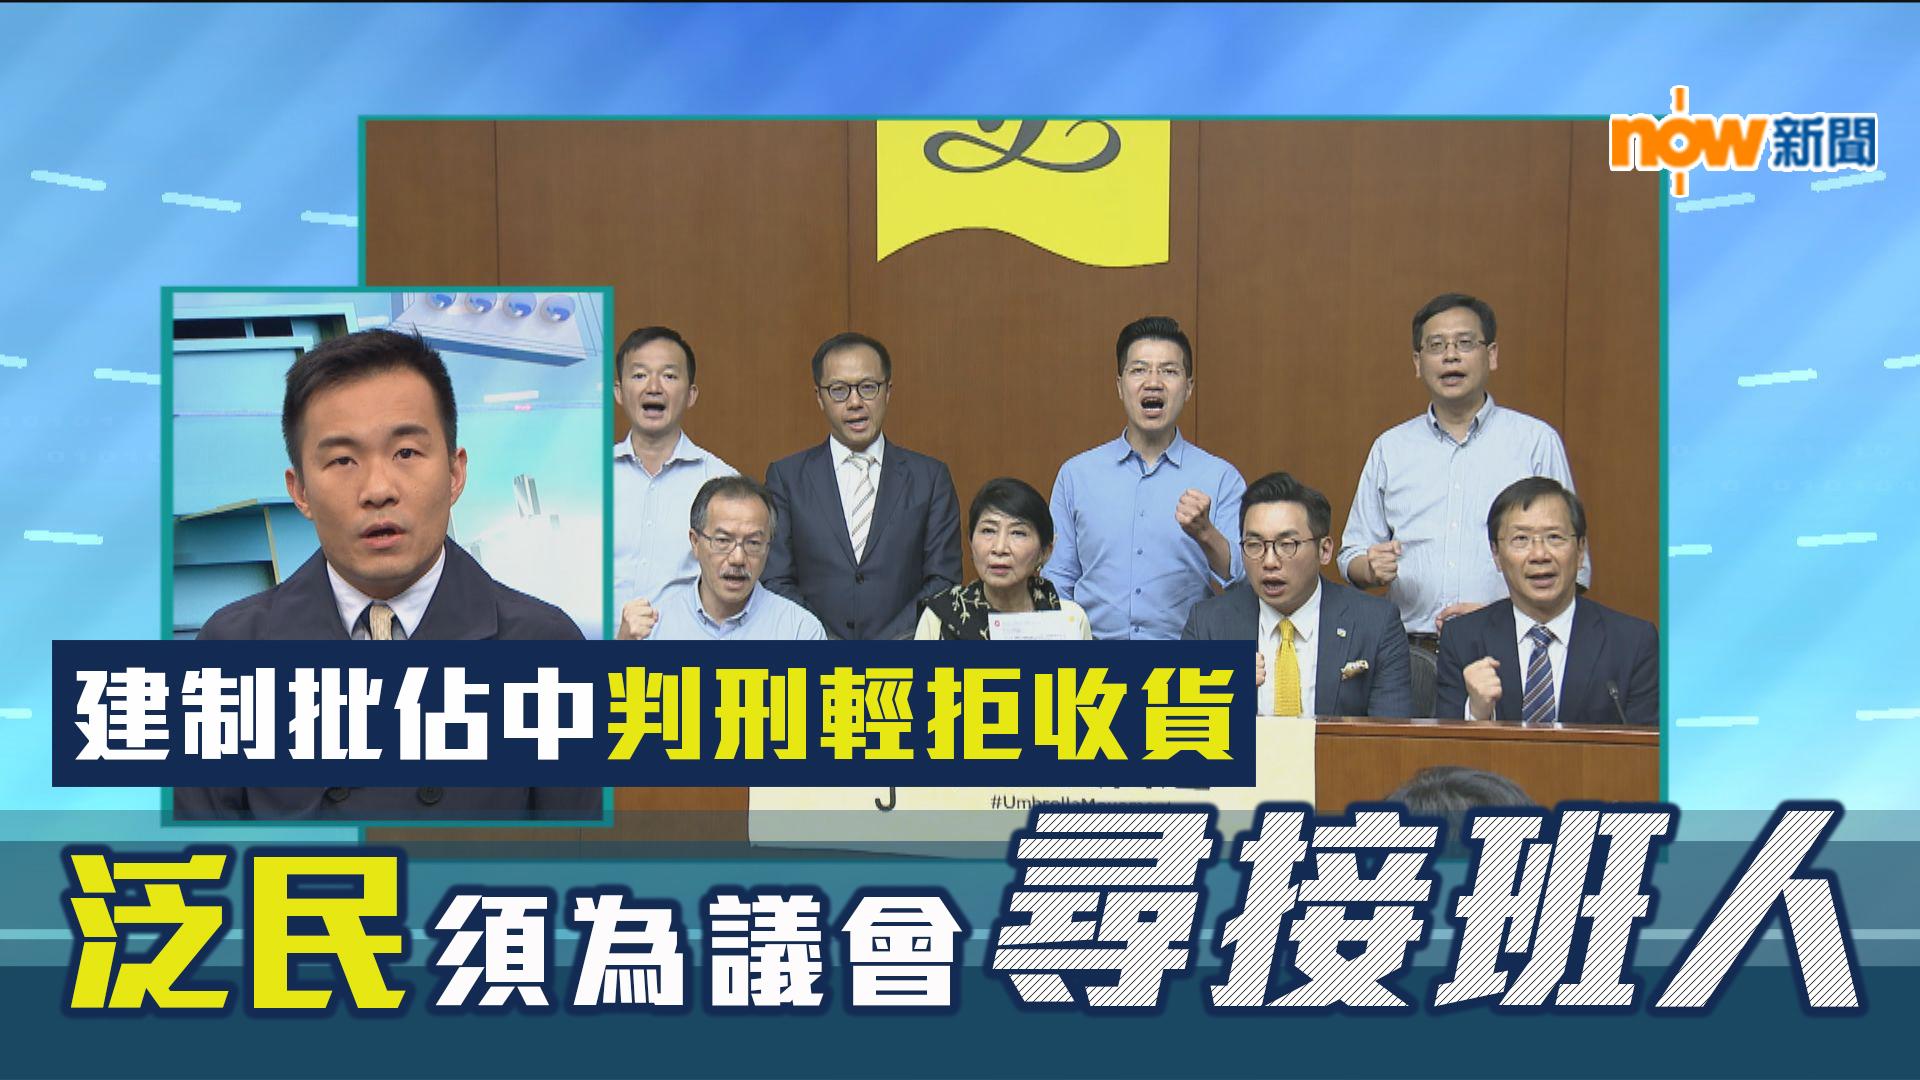 【政情】建制批佔中判刑輕拒收貨 泛民須為議會尋接班人